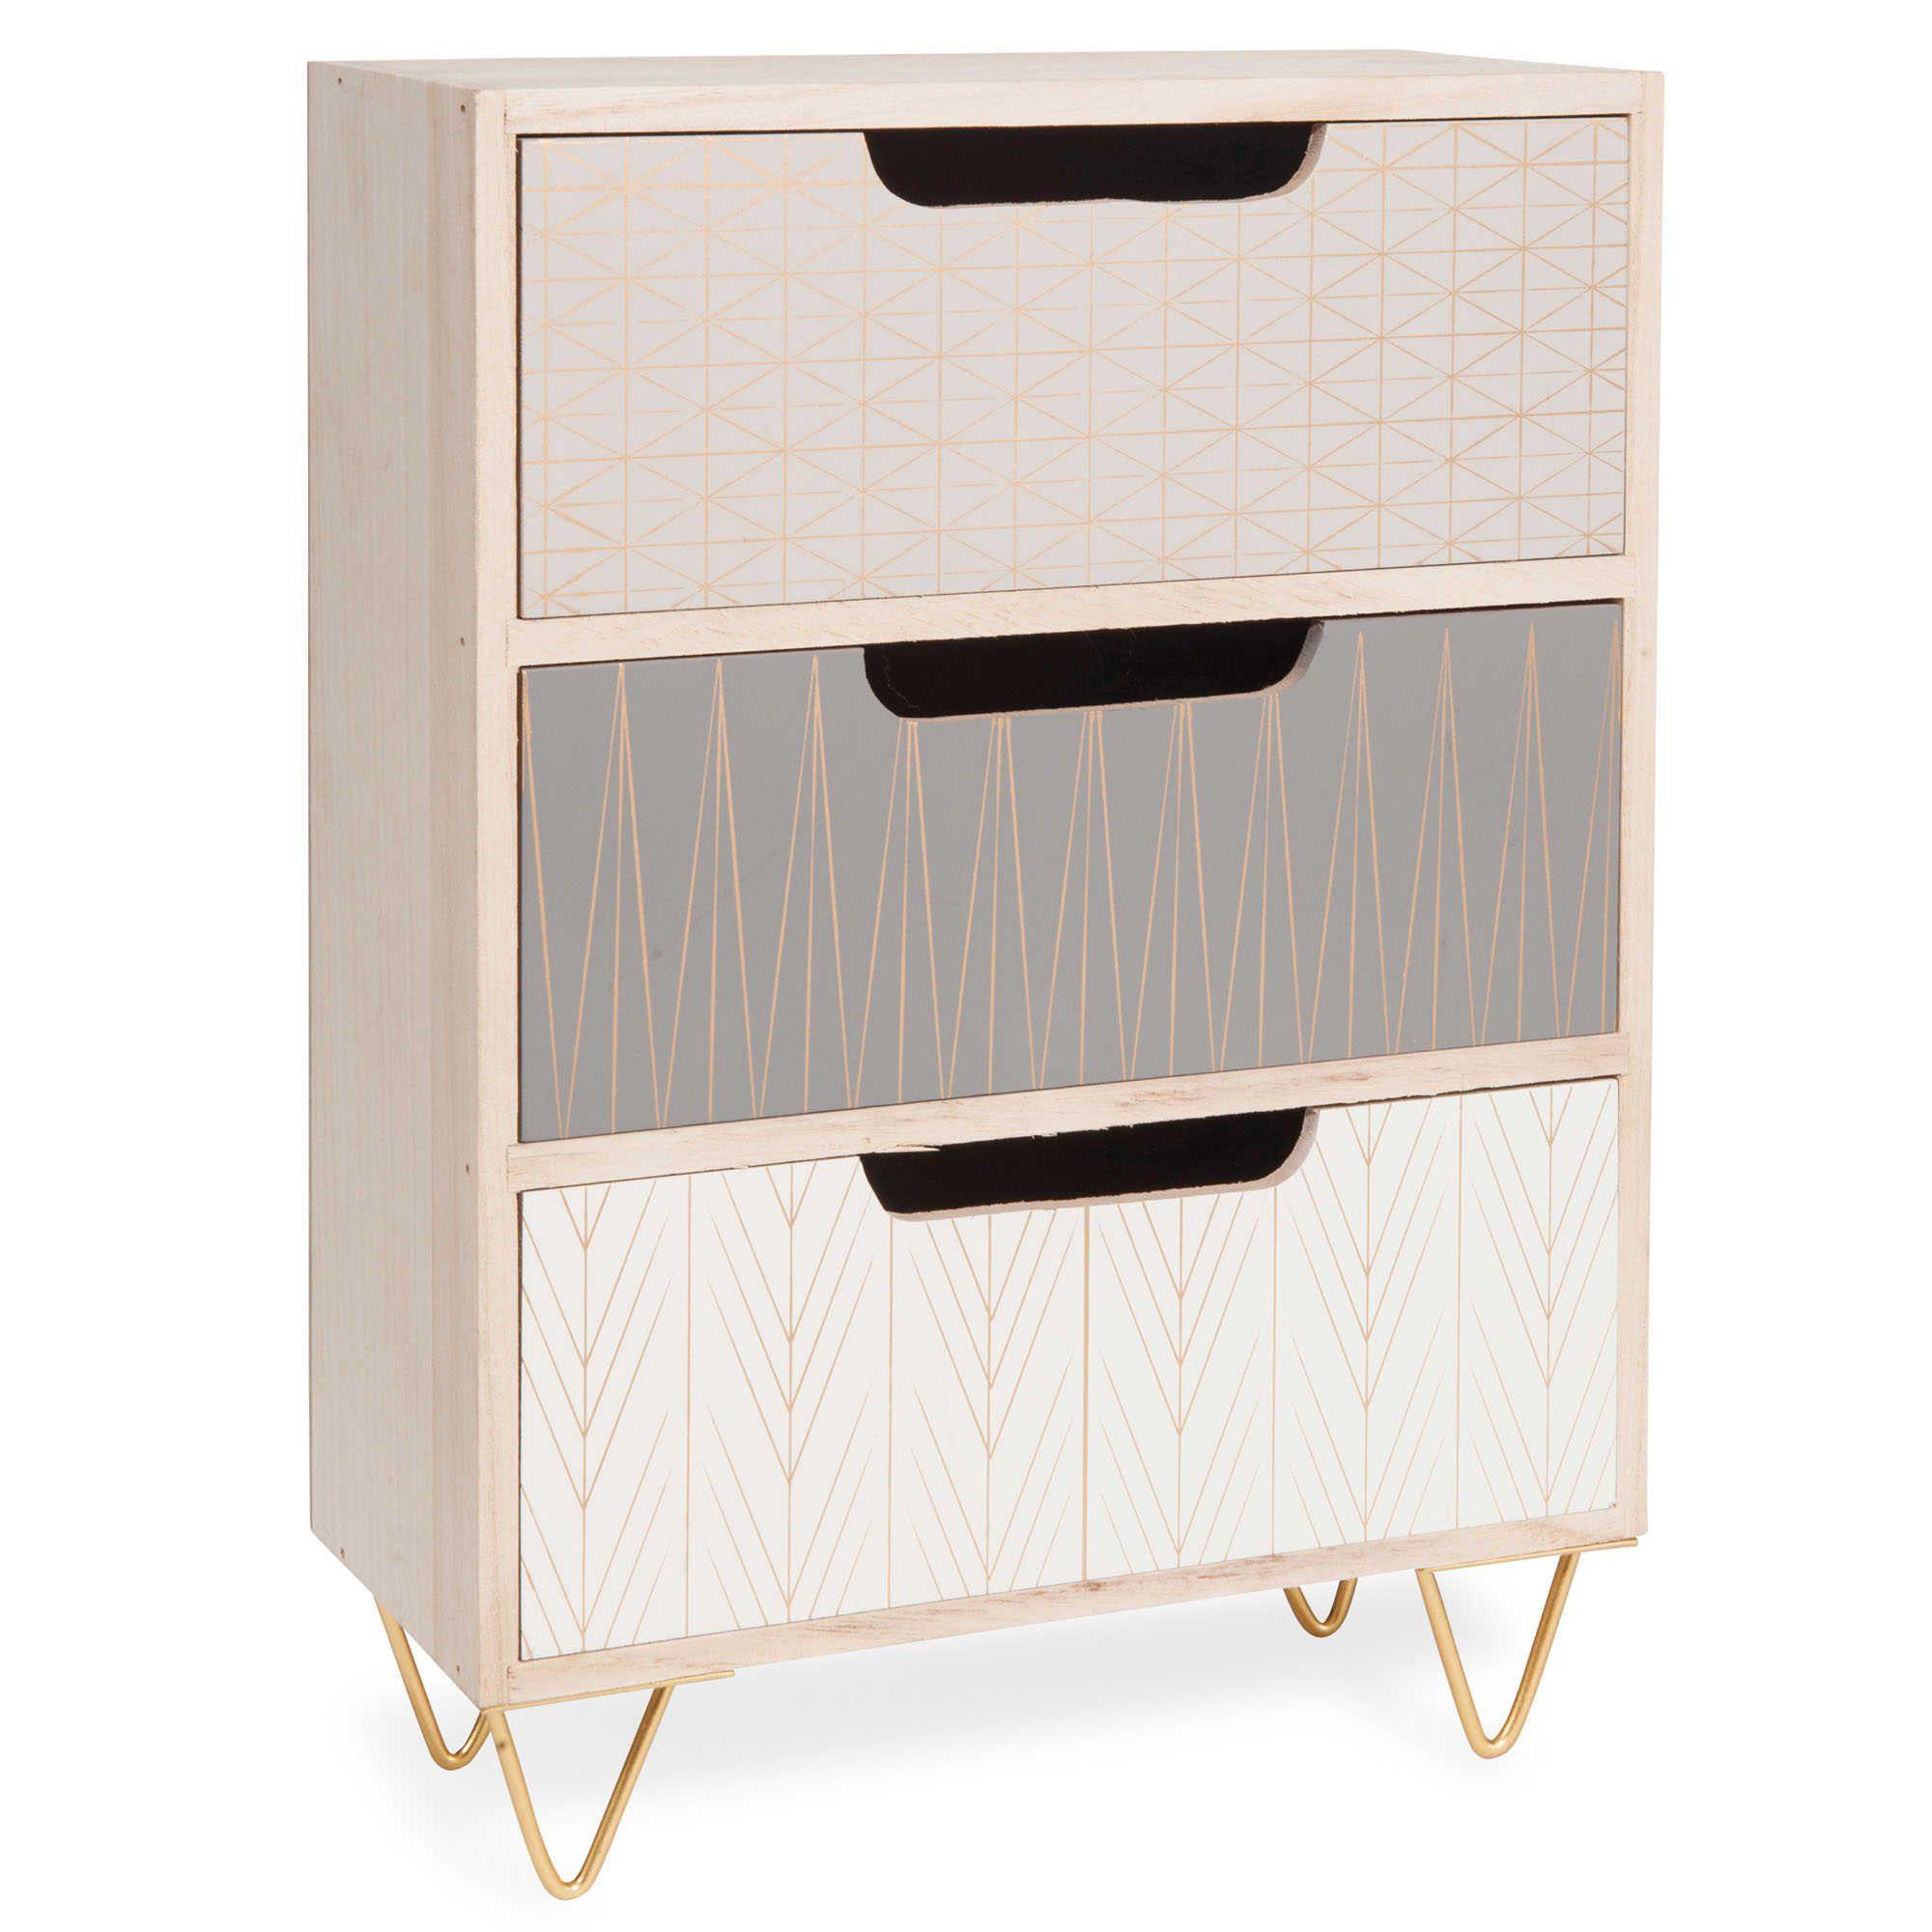 Schachtel Mit 3 Schubladen Aus Holz H 22 Cm SCOOP Auf Maisons Du Monde.  Stöbern Sie In Unserer Möbel  Und Deko Auswahl Und Schöpfen Sie Jede.